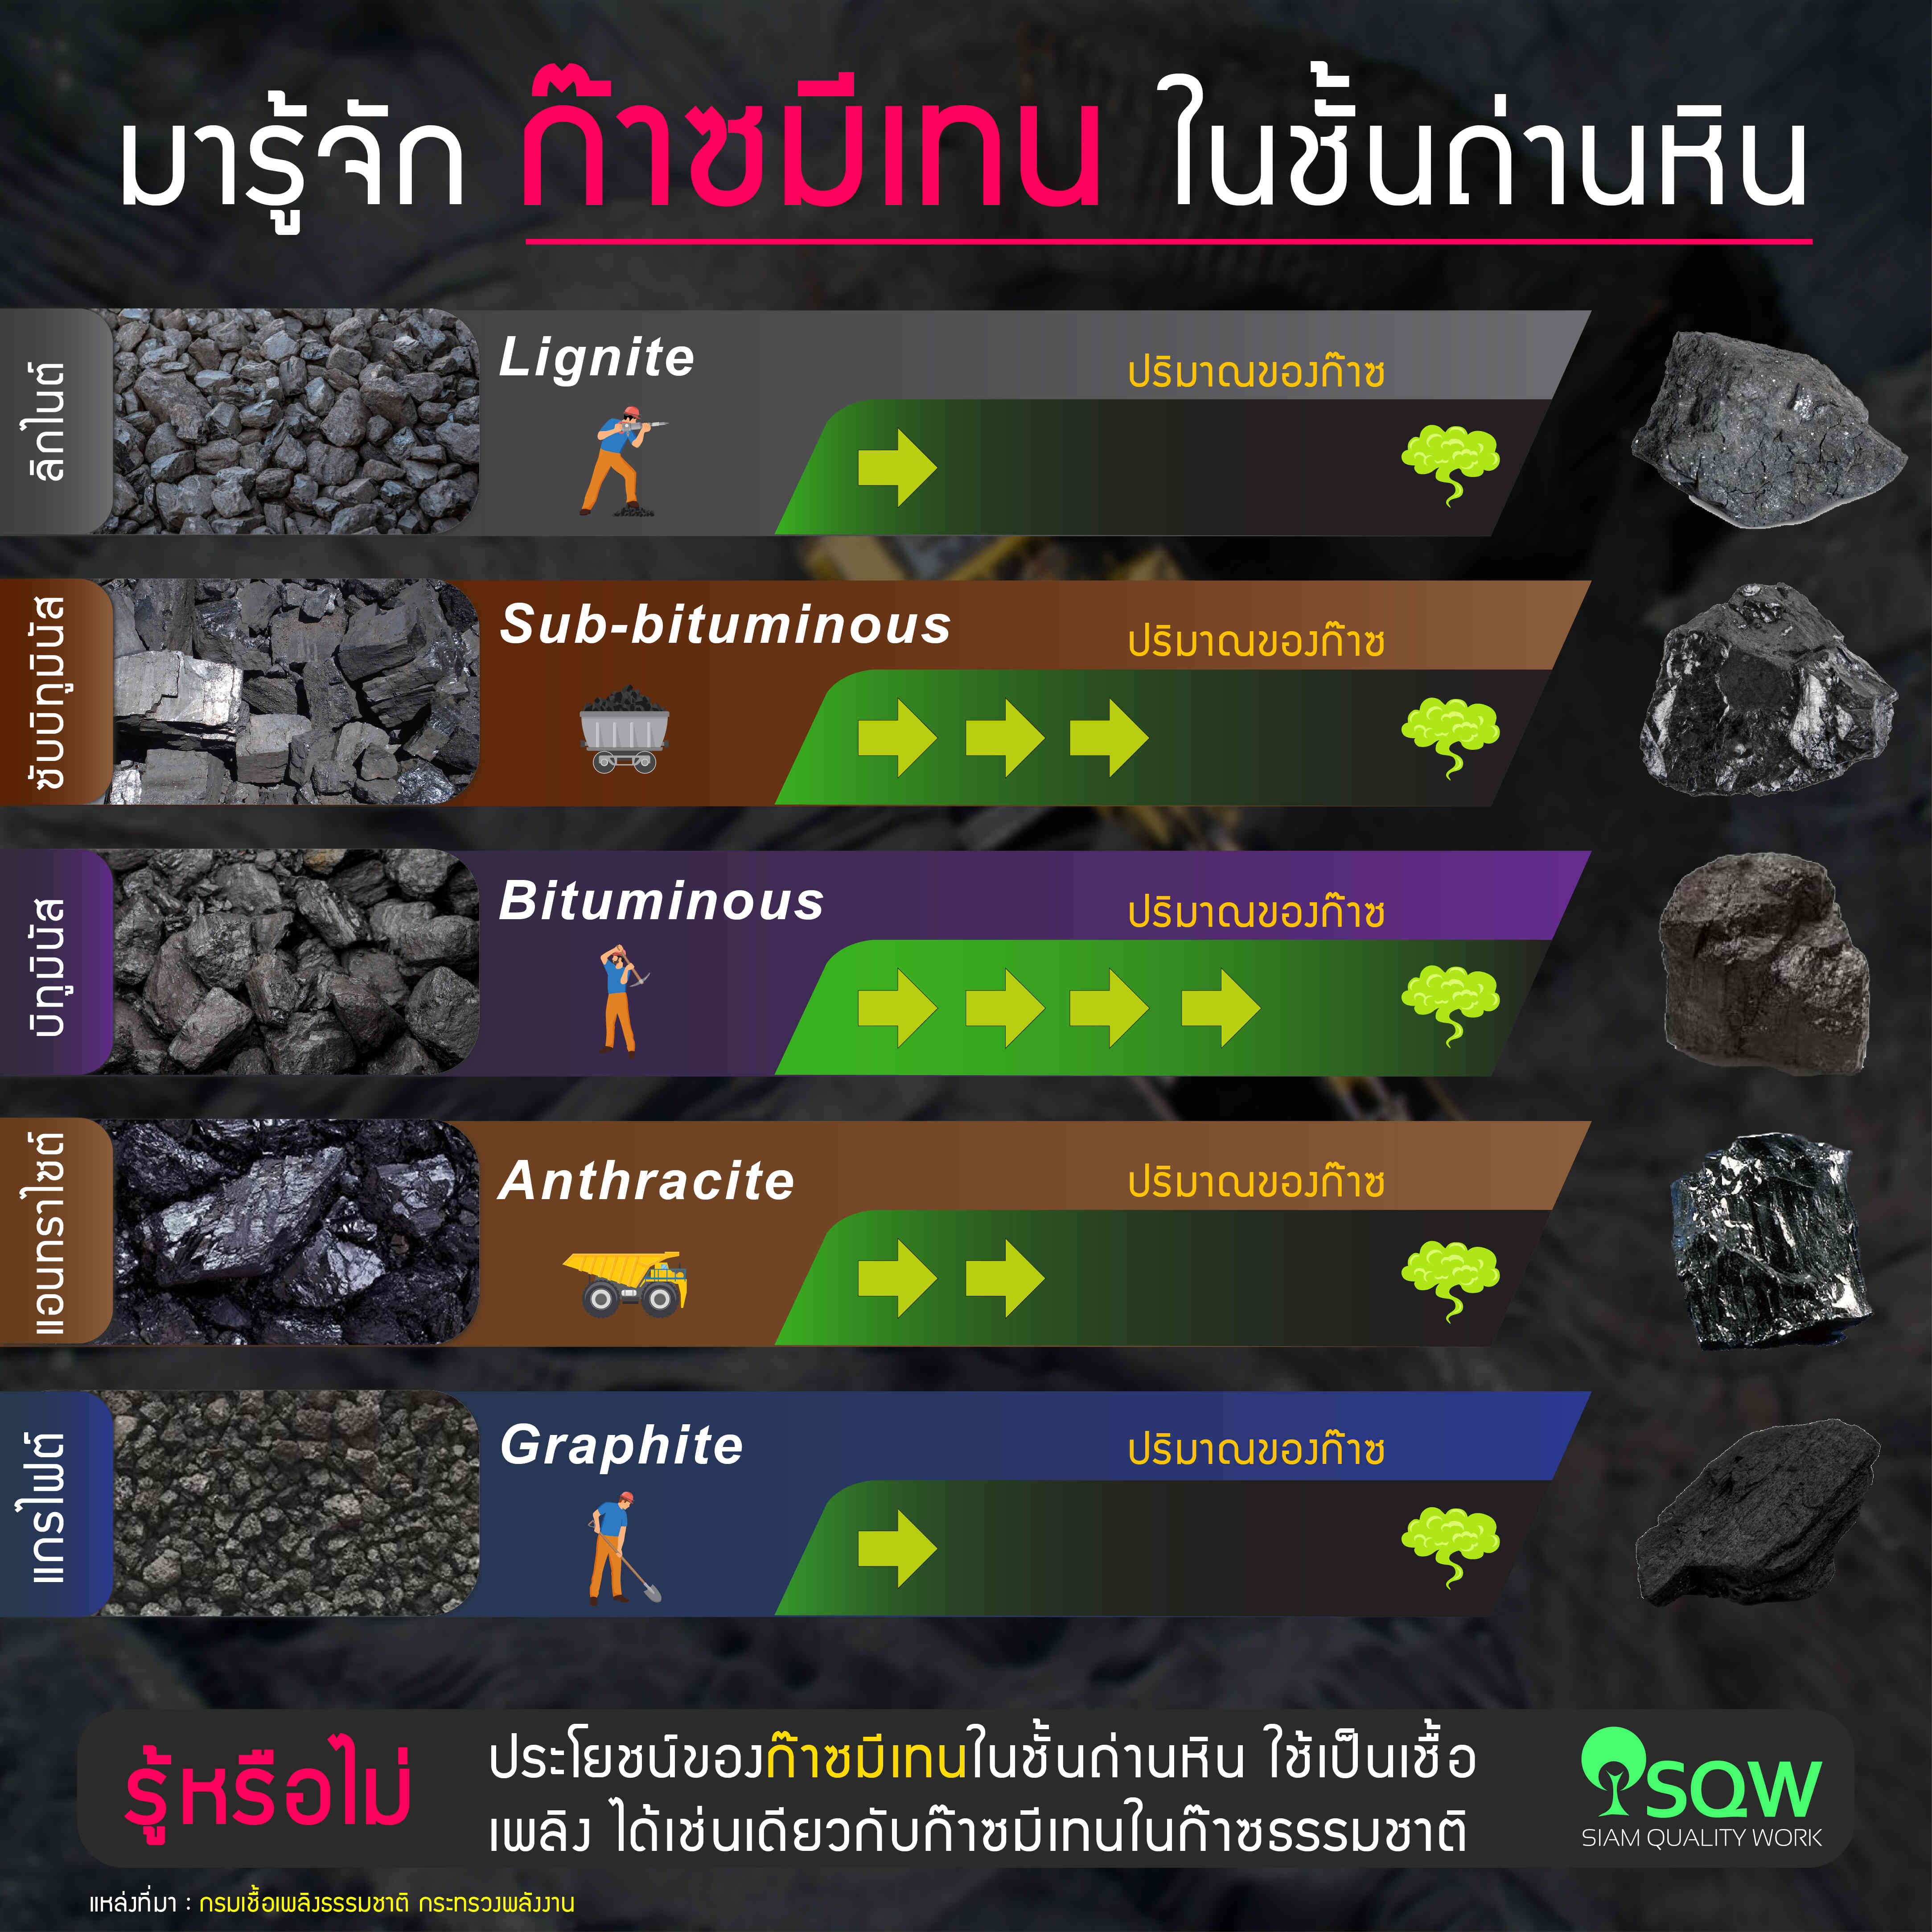 ก๊าซมีเทนในชั้นถ่านหิน